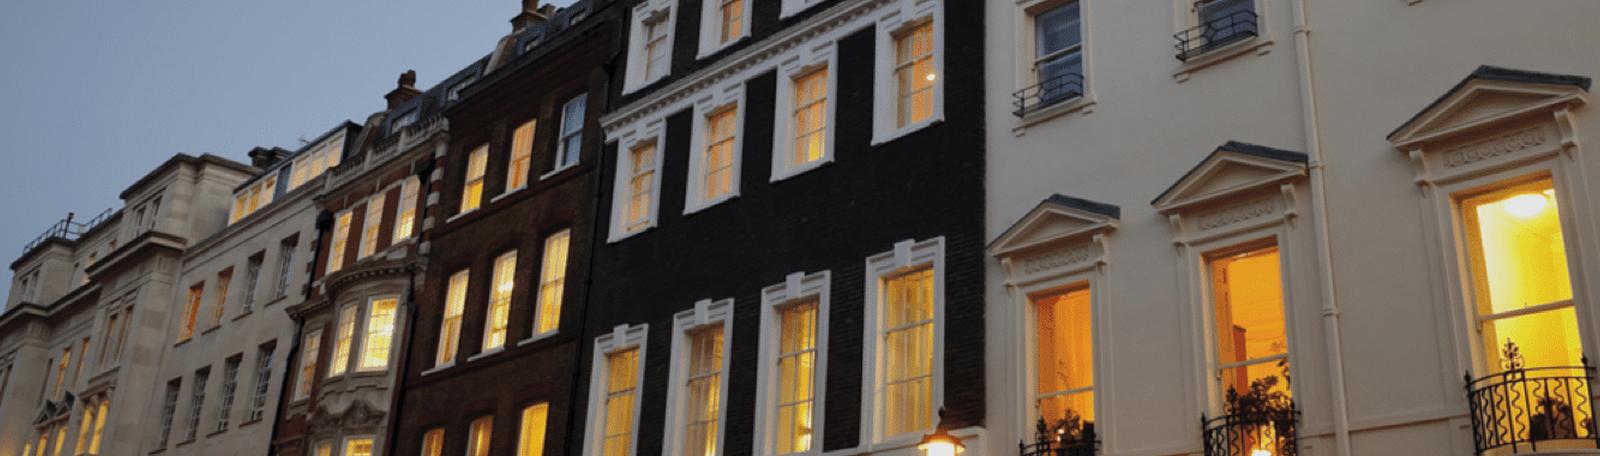 Buy Mortgage Banner Grosvenor Billinghurst